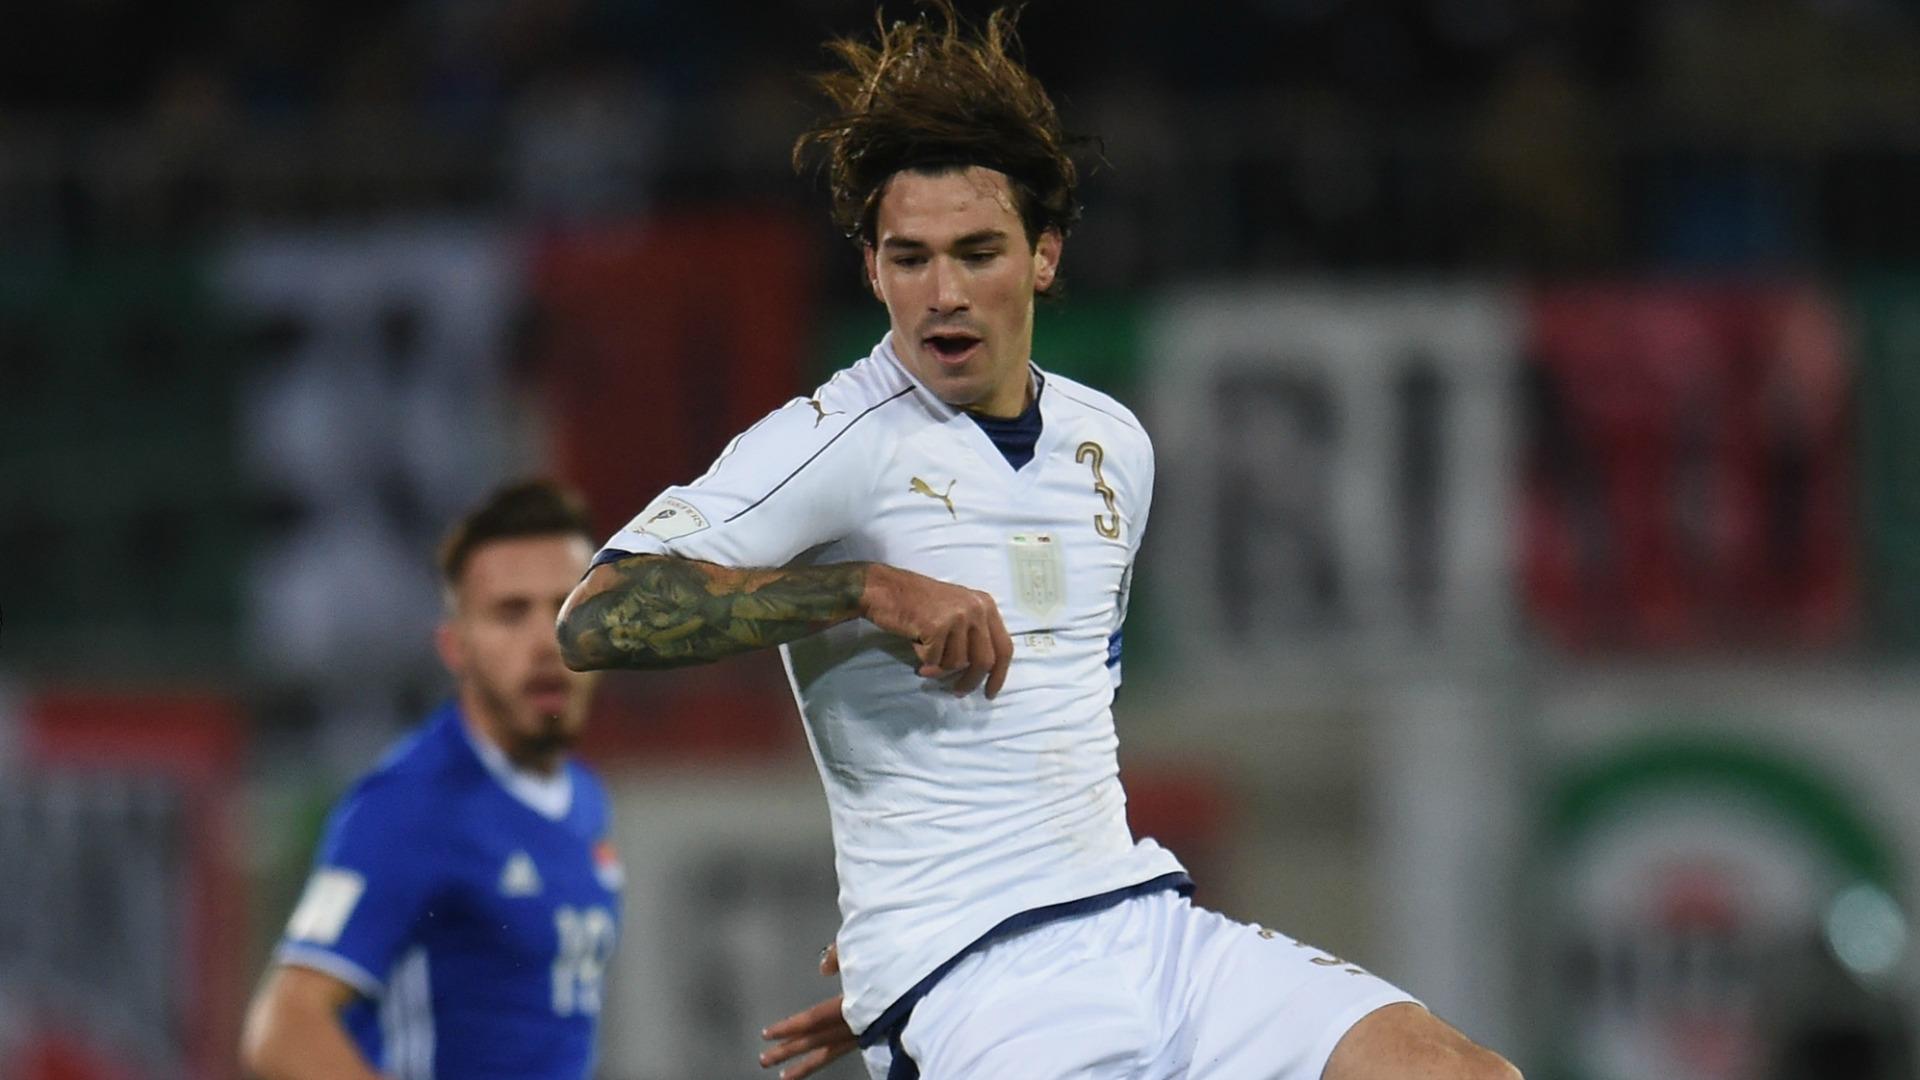 Qui Milan, Romagnoli rischia di saltare il derby: le ultime